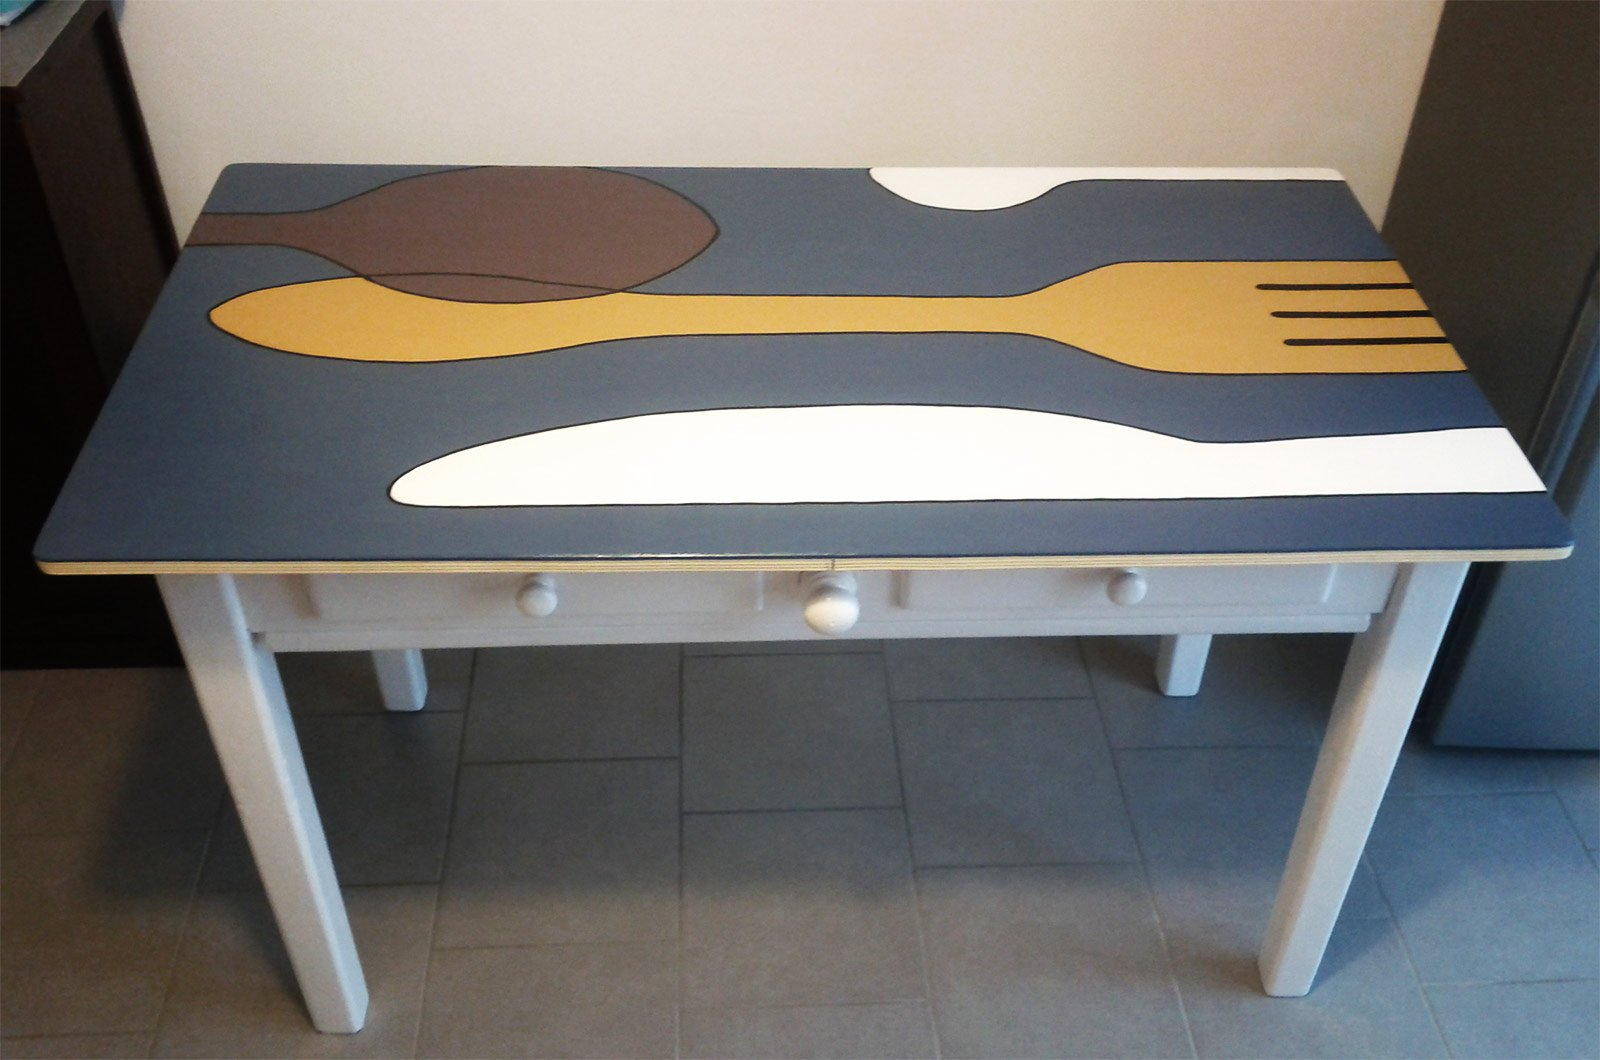 Un tavolo decorato con maxi posate cose di casa - Tavolo da parete fai da te ...